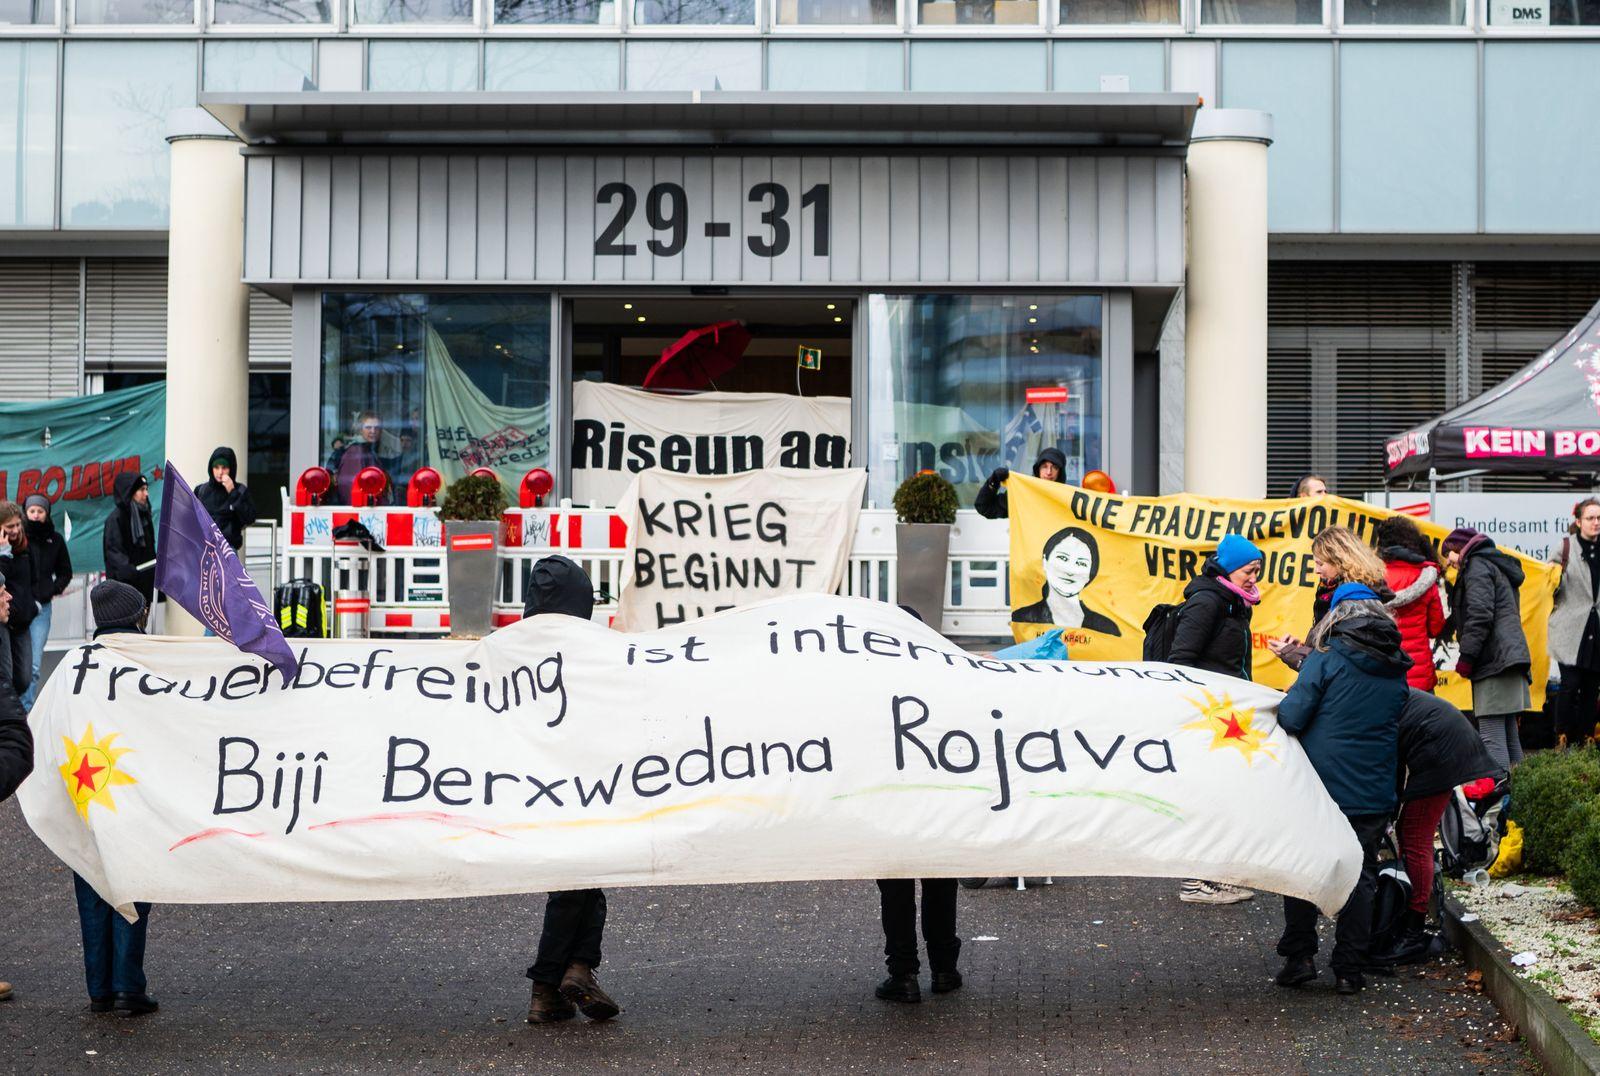 Rüstungsgegner protestieren vor Bundesamt in Eschborn